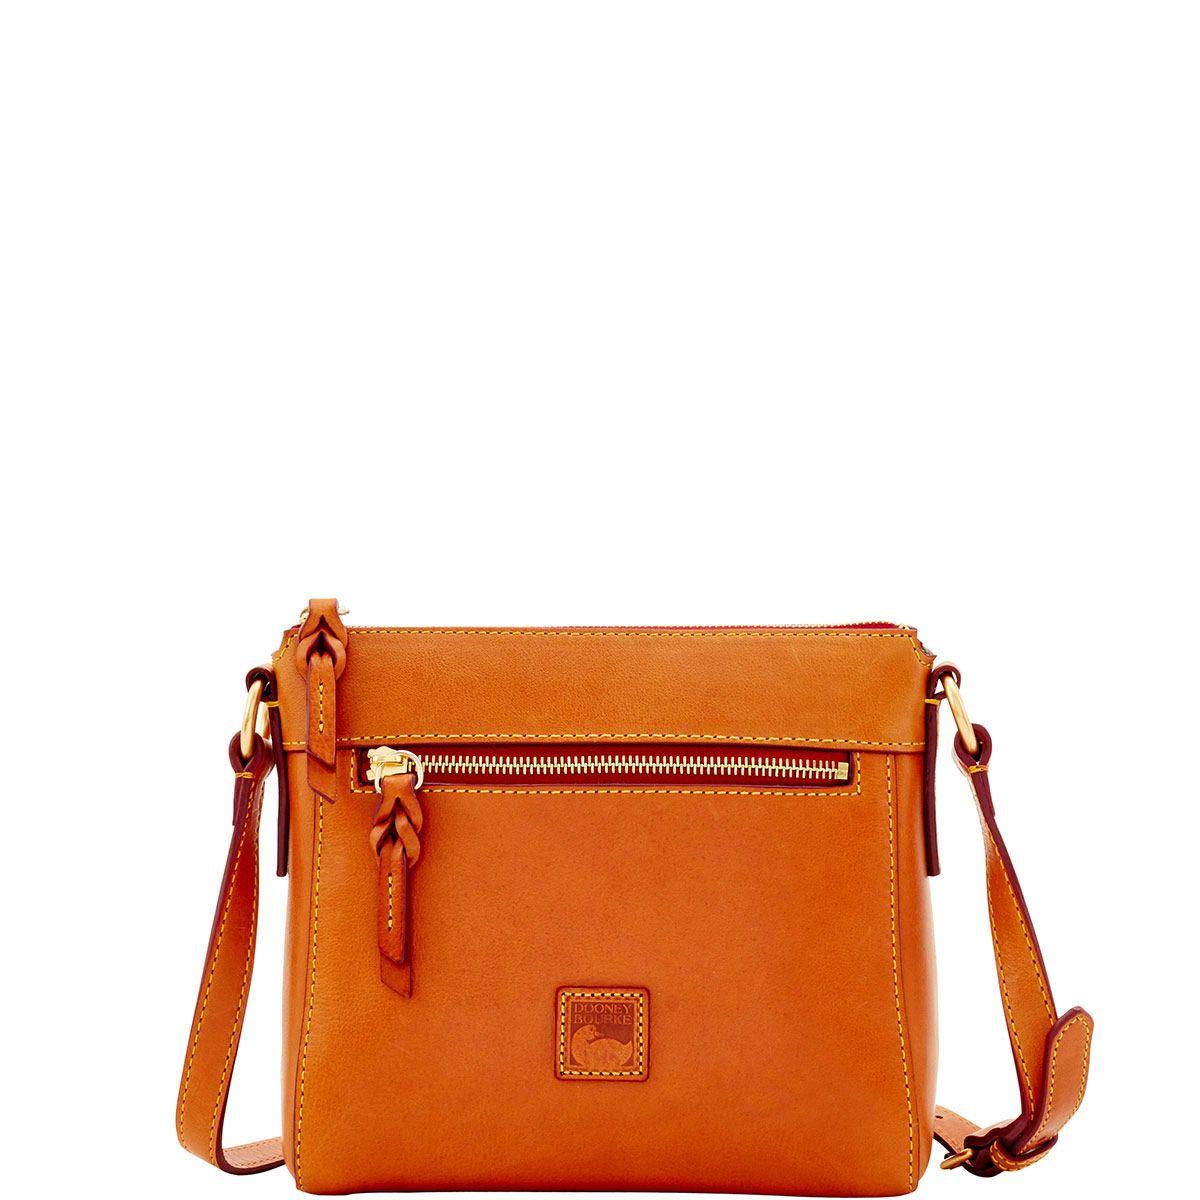 3cf4b6d674f Dooney and Bourke Handbags - Macy s